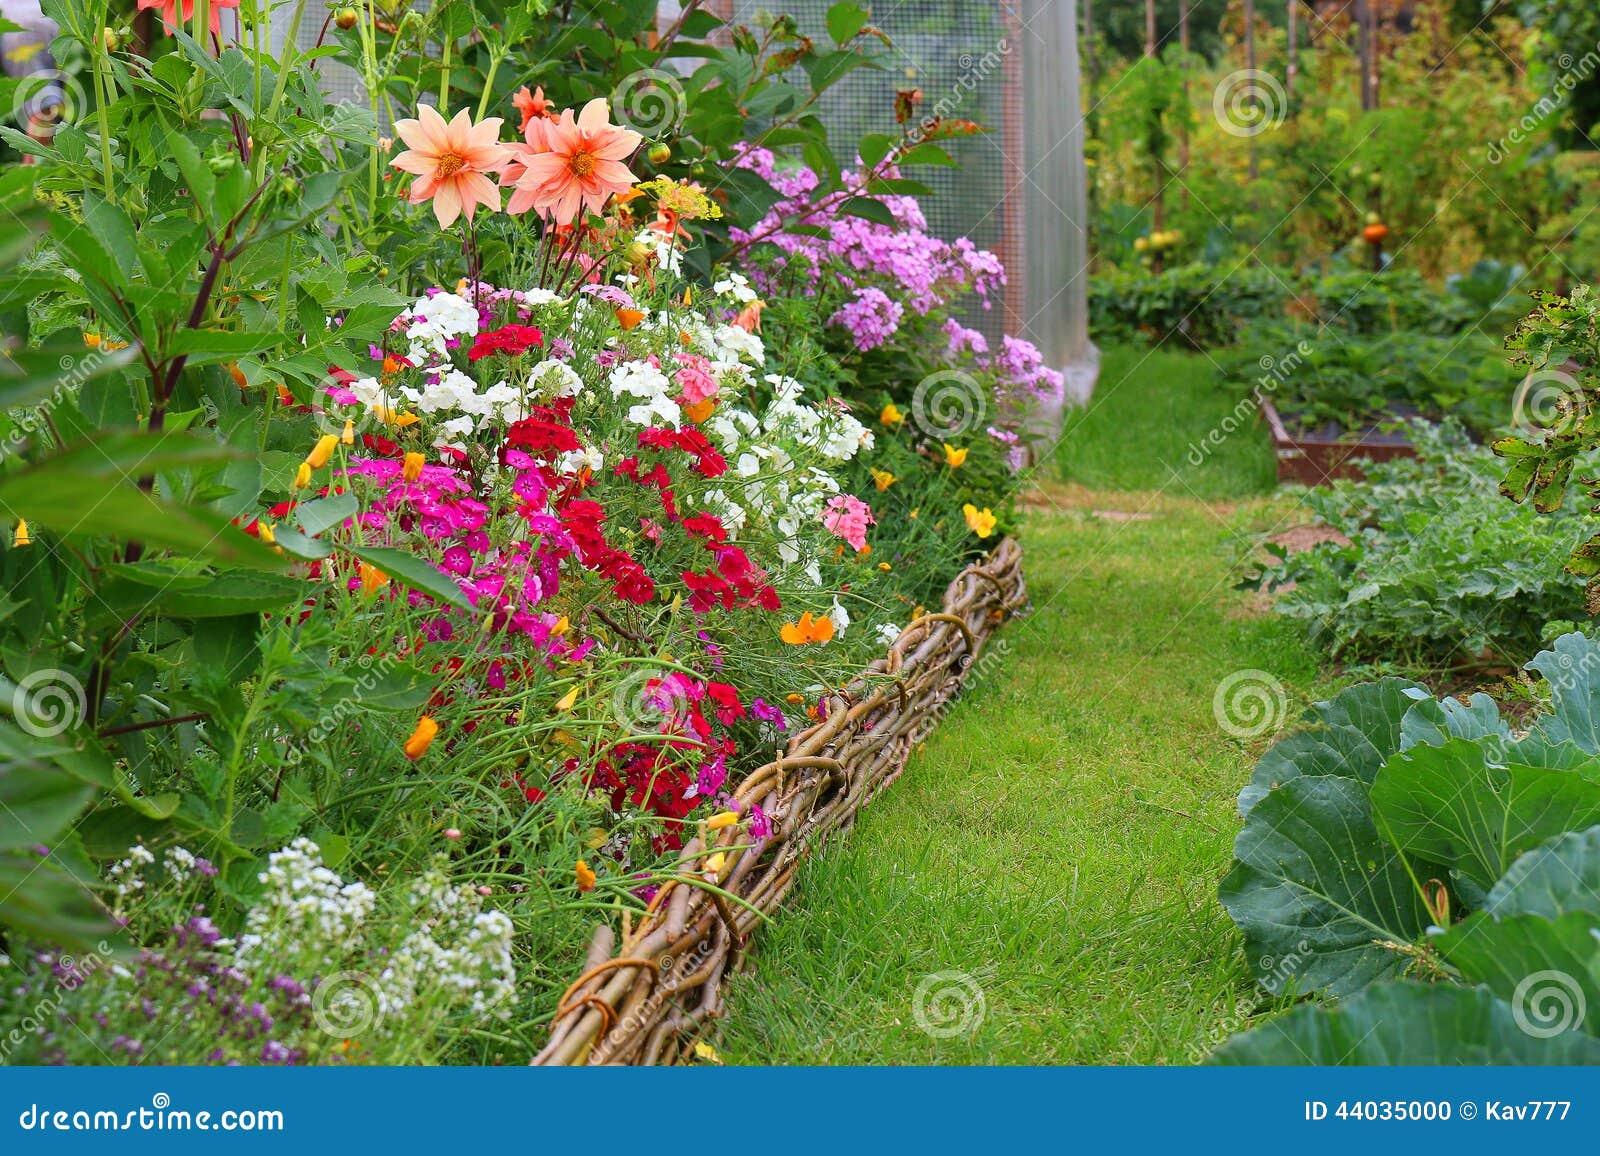 Idee n voor tuin stock foto afbeelding bestaande uit - Openlucht tuin idee ...